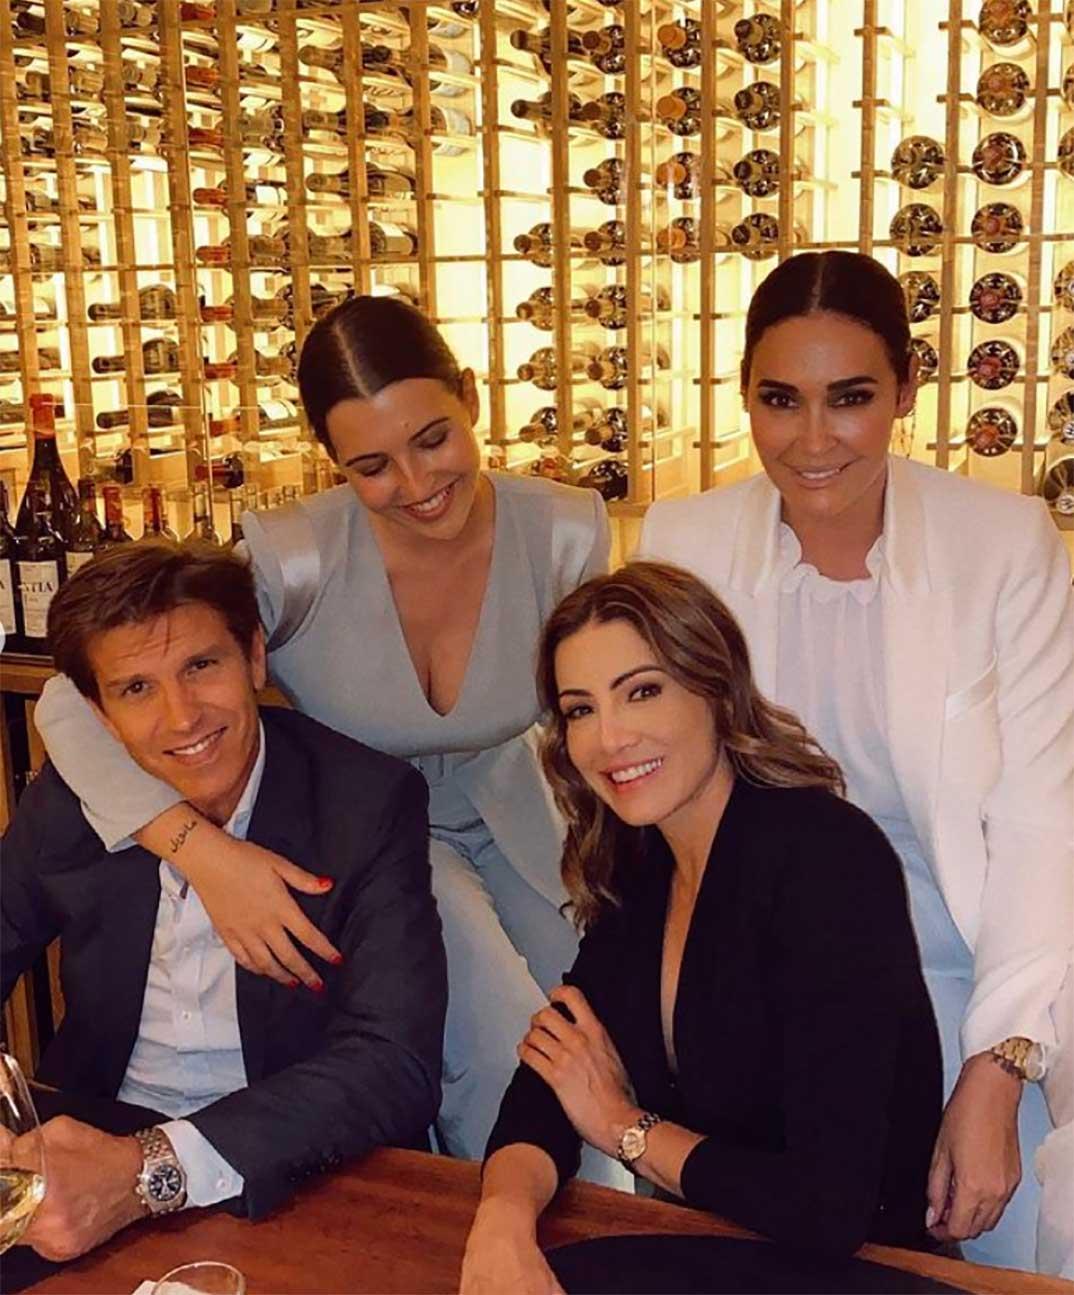 Alba Díaz con sus padres, El Cordobés y Vicky Martín Berrocal y Virginia Troconis © Instagram